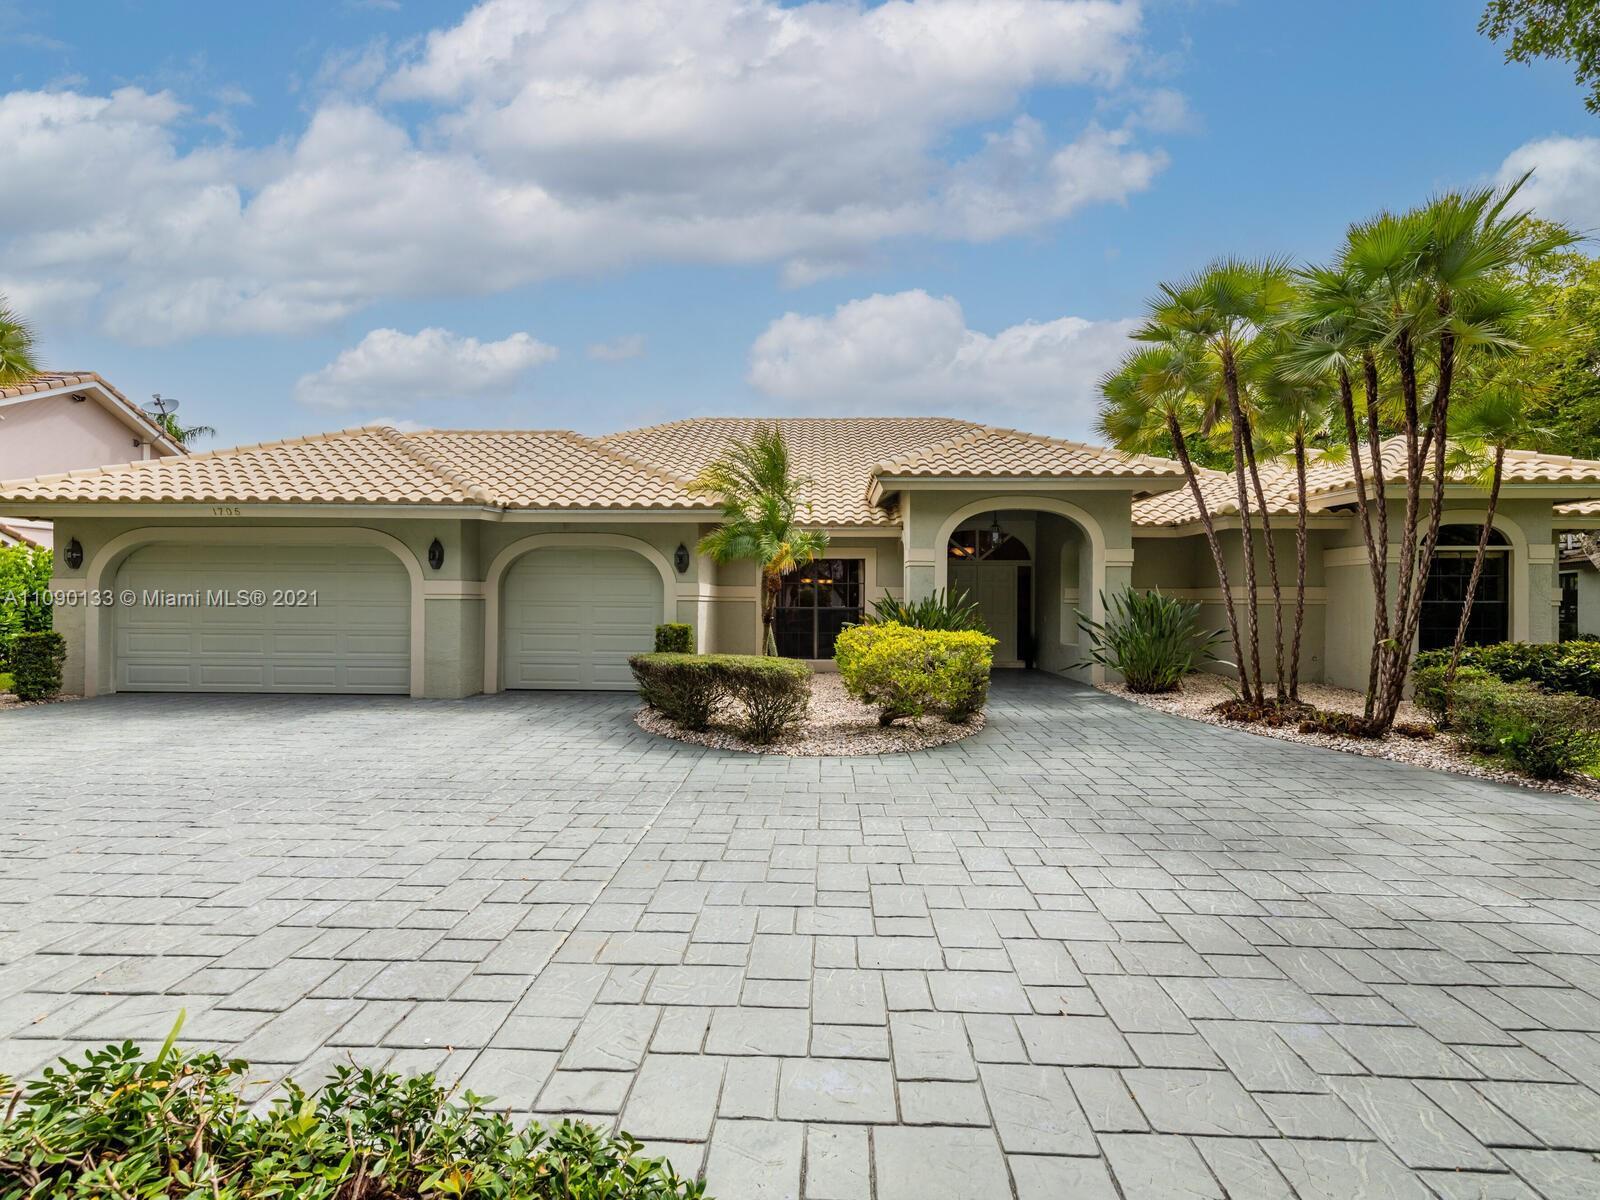 1705 Vestal Dr, Coral Springs, Florida 33071